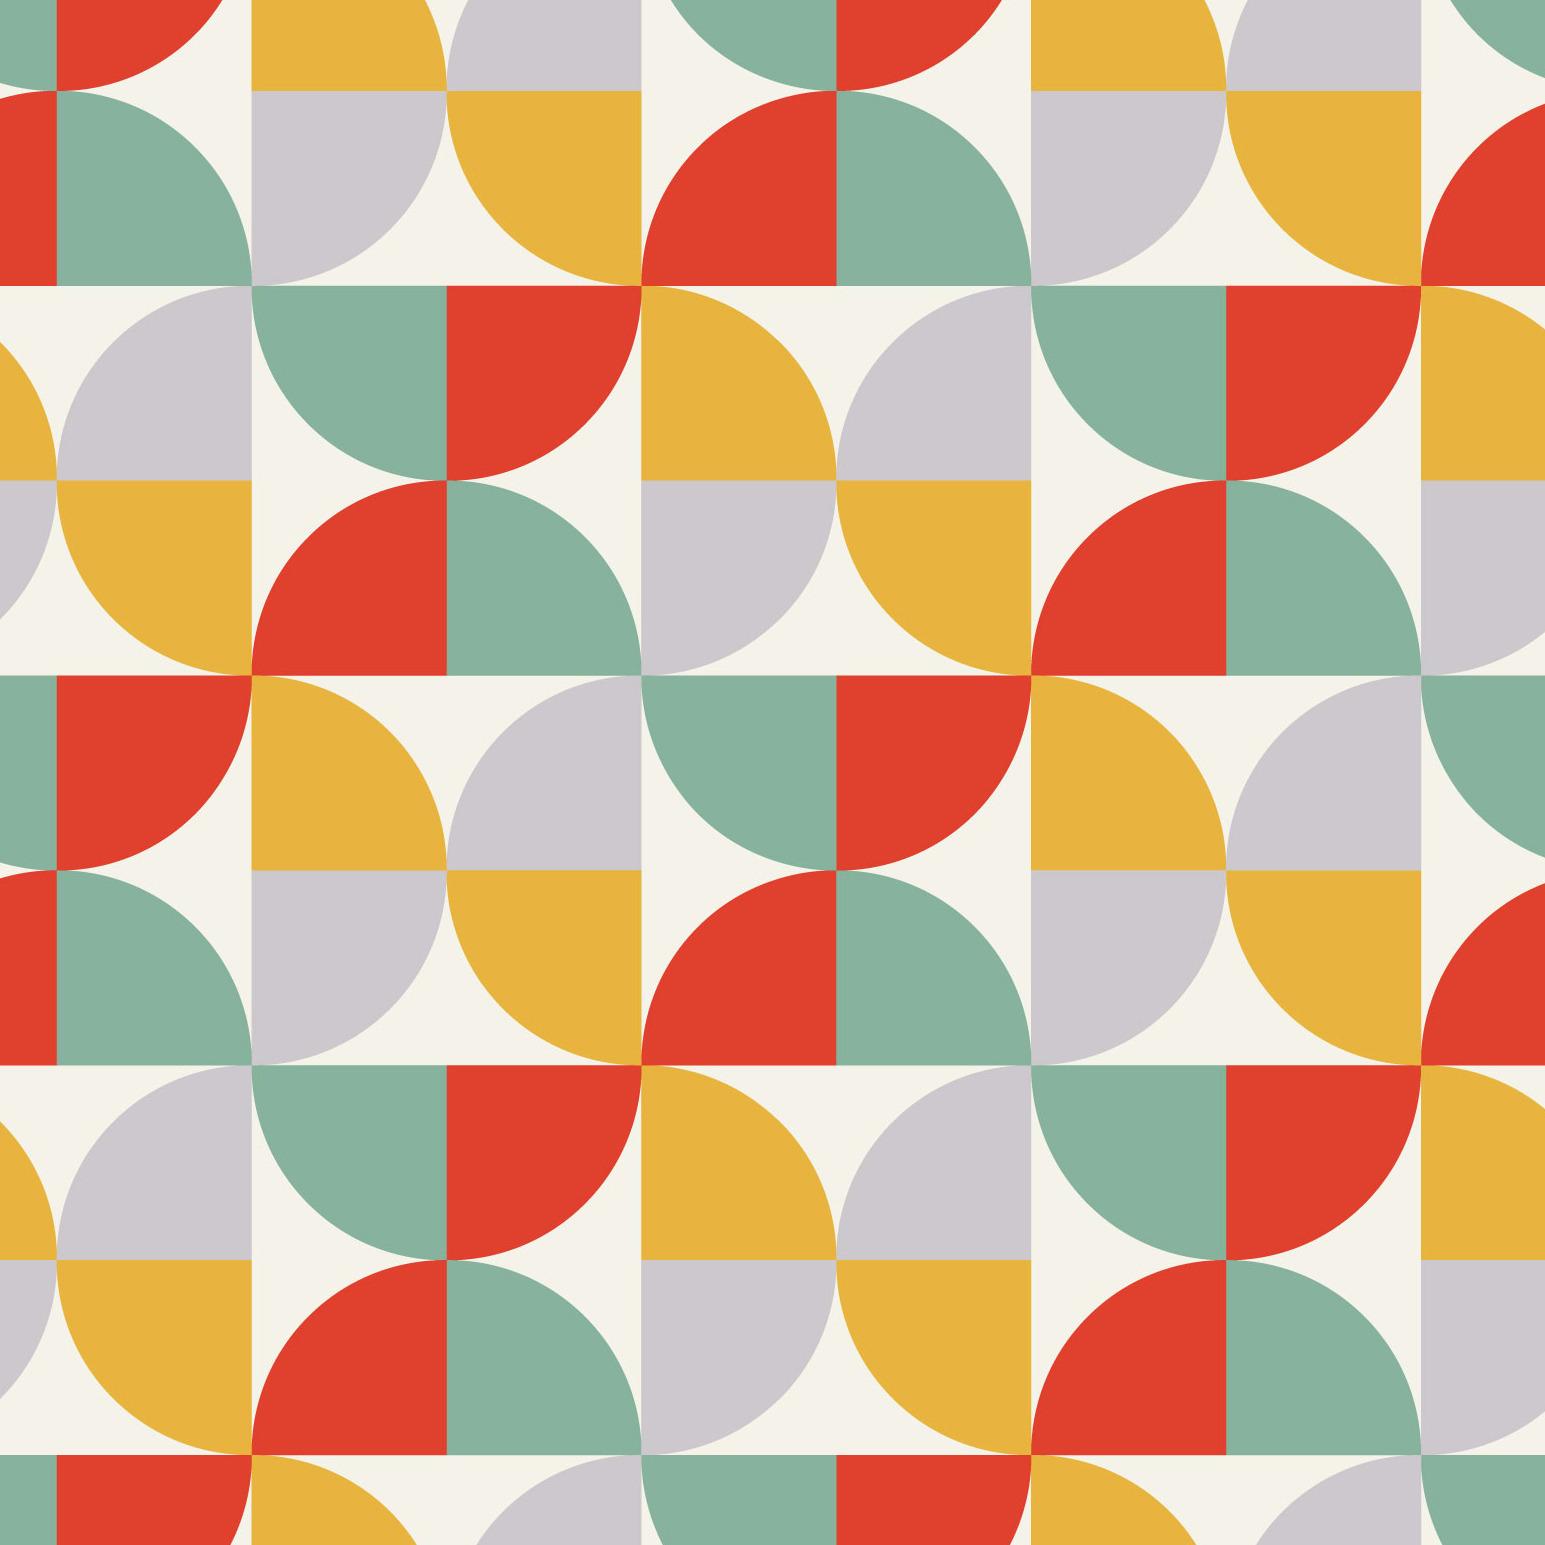 Azulejo Adesivo : AZ019 4 Arabesco Design Elo7 #B68415 1545x1545 Azulejo Banheiro Tamanho